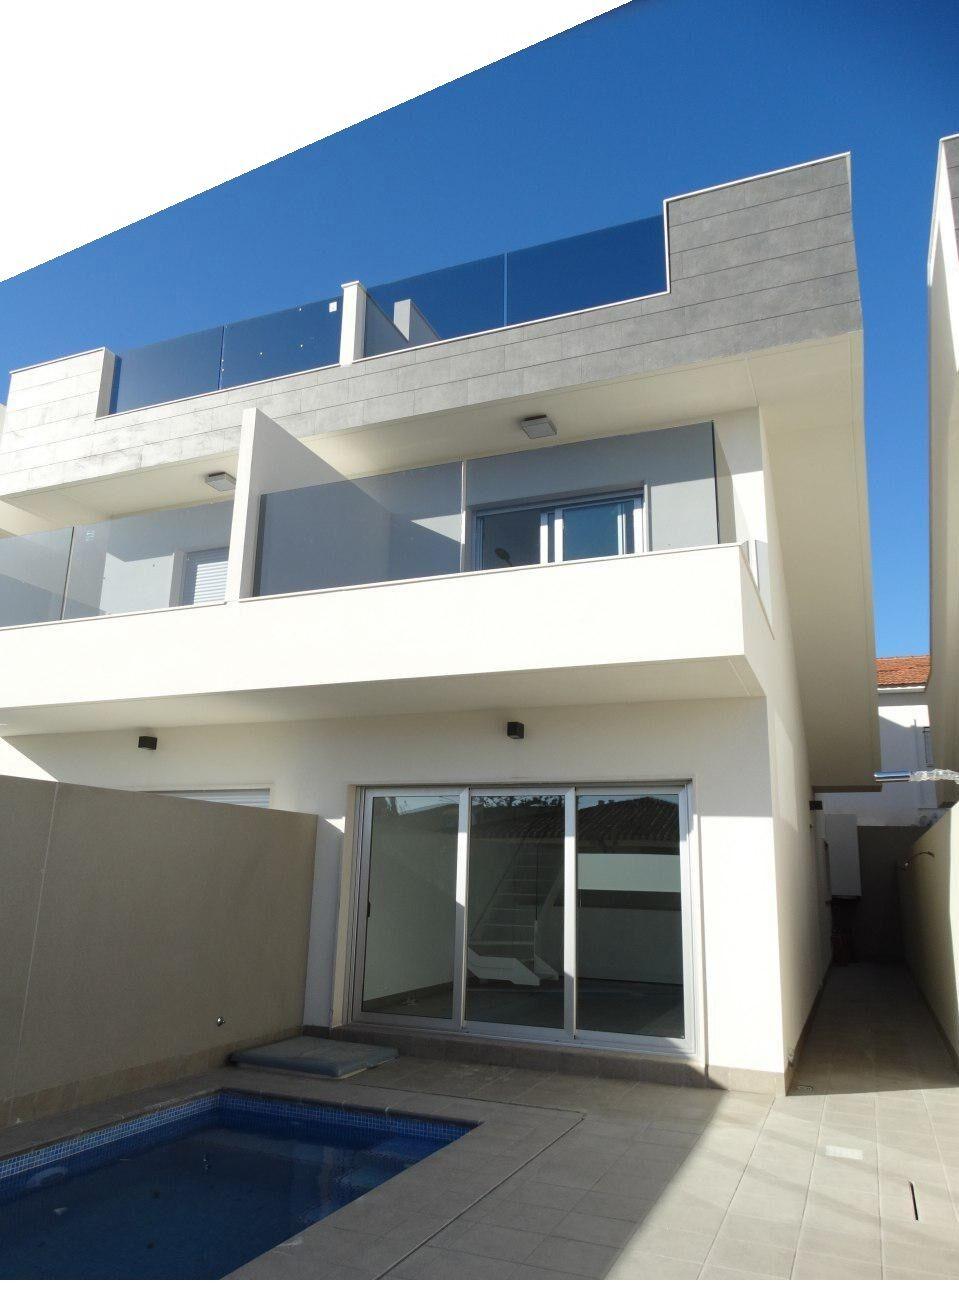 kf943028: Villa for sale in Torre de la Horadada